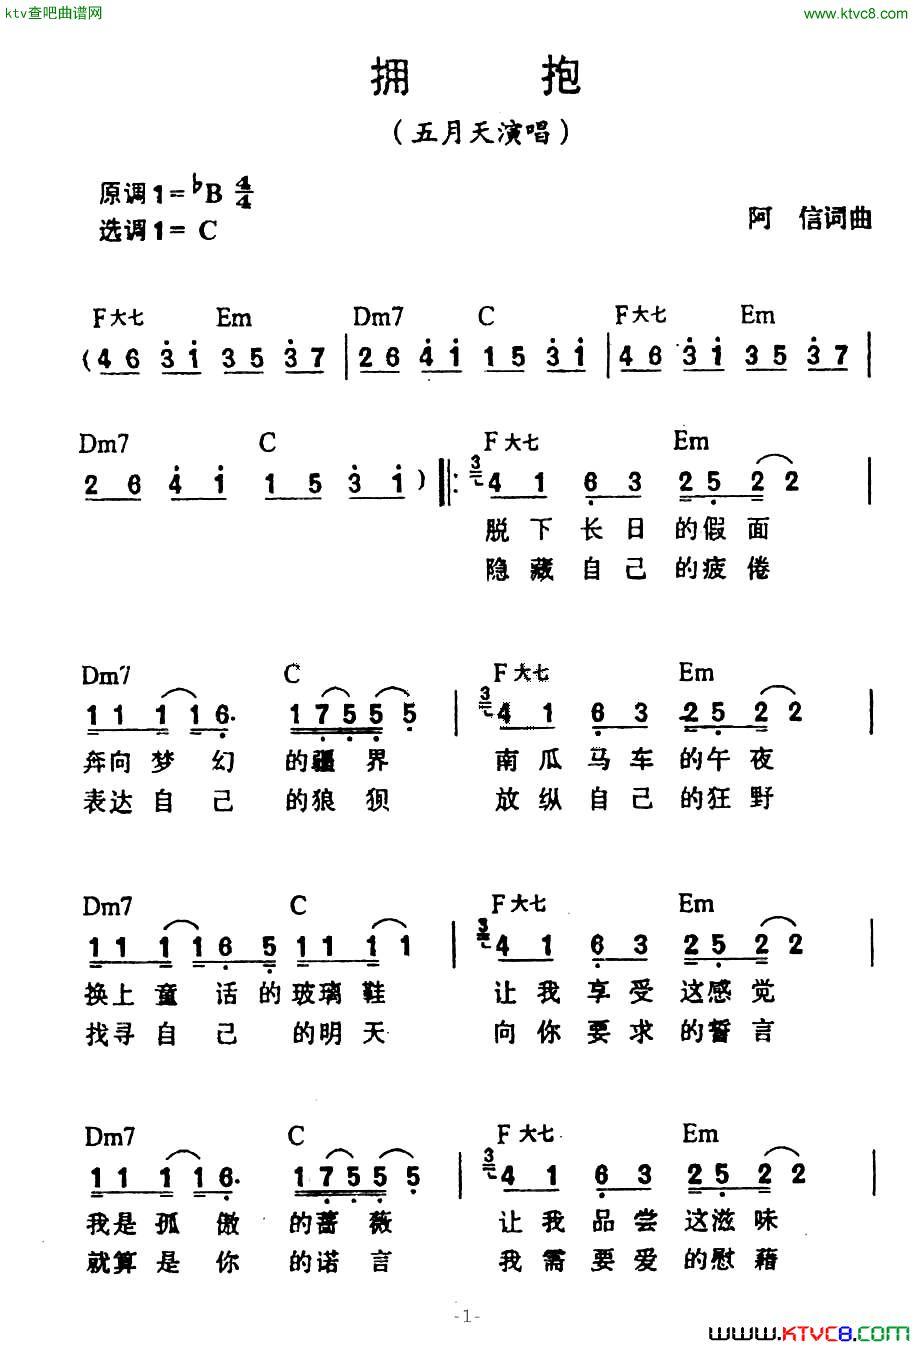 五月简谱_能给小妹发一个吉他的简谱吗,要五月天的 越简单越好哦